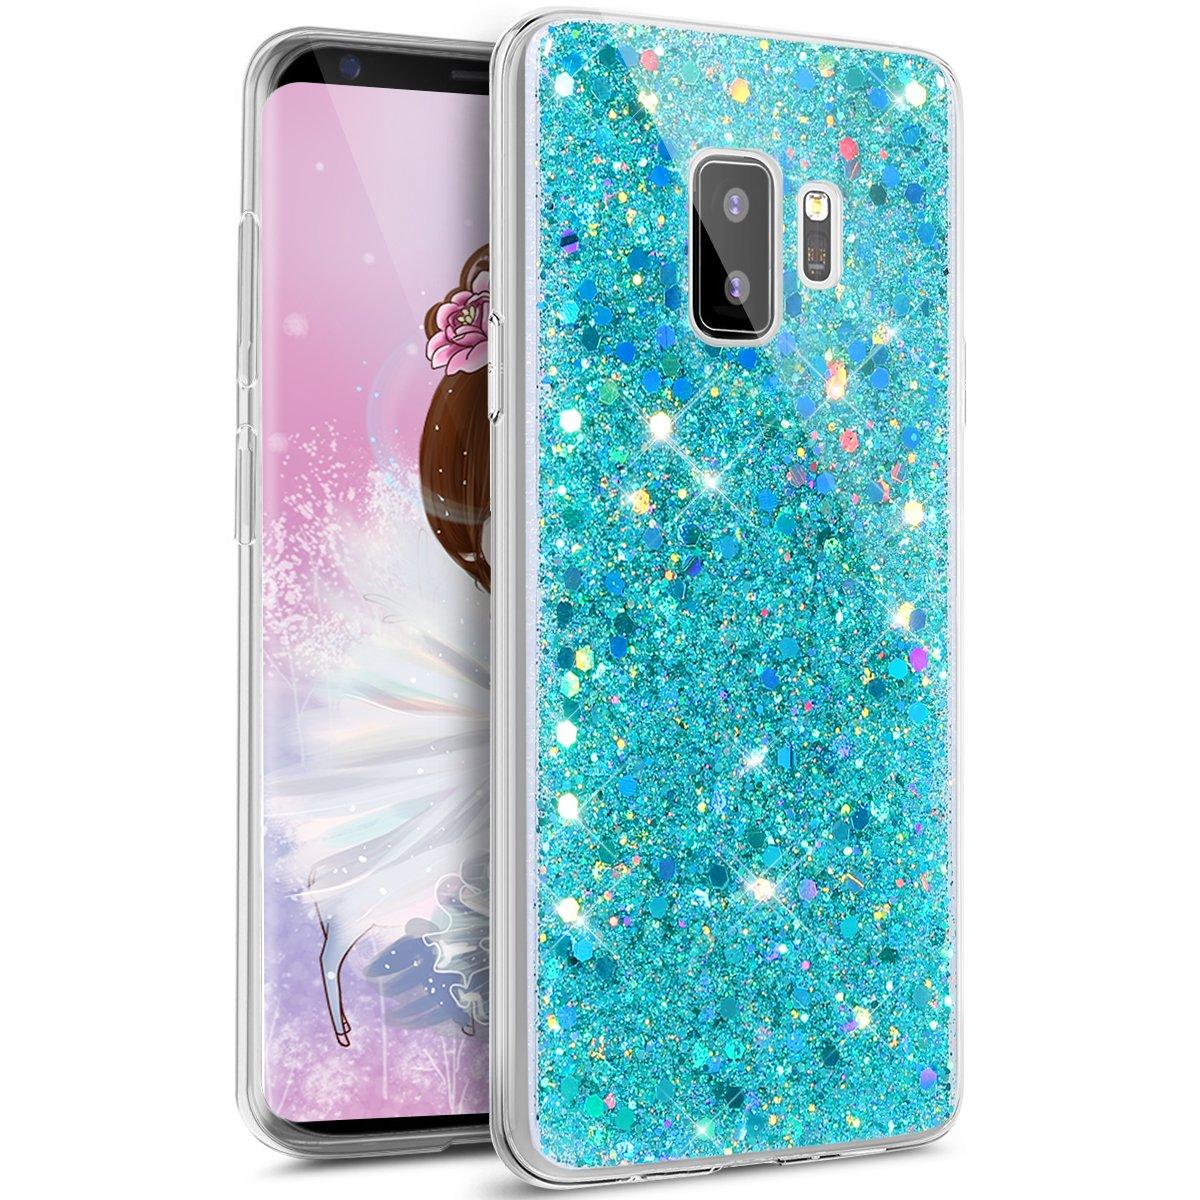 JAWSEU Custodia Cover Samsung Galaxy S9 Plus Silicone TPU Trasparente, Cristallo di Lusso Angelo Bling Glitter Ultra Sottile Crystal Clear Soft Gel AntiGraffio Antiurto Protettiva Bumper Case JAWSEU0057833